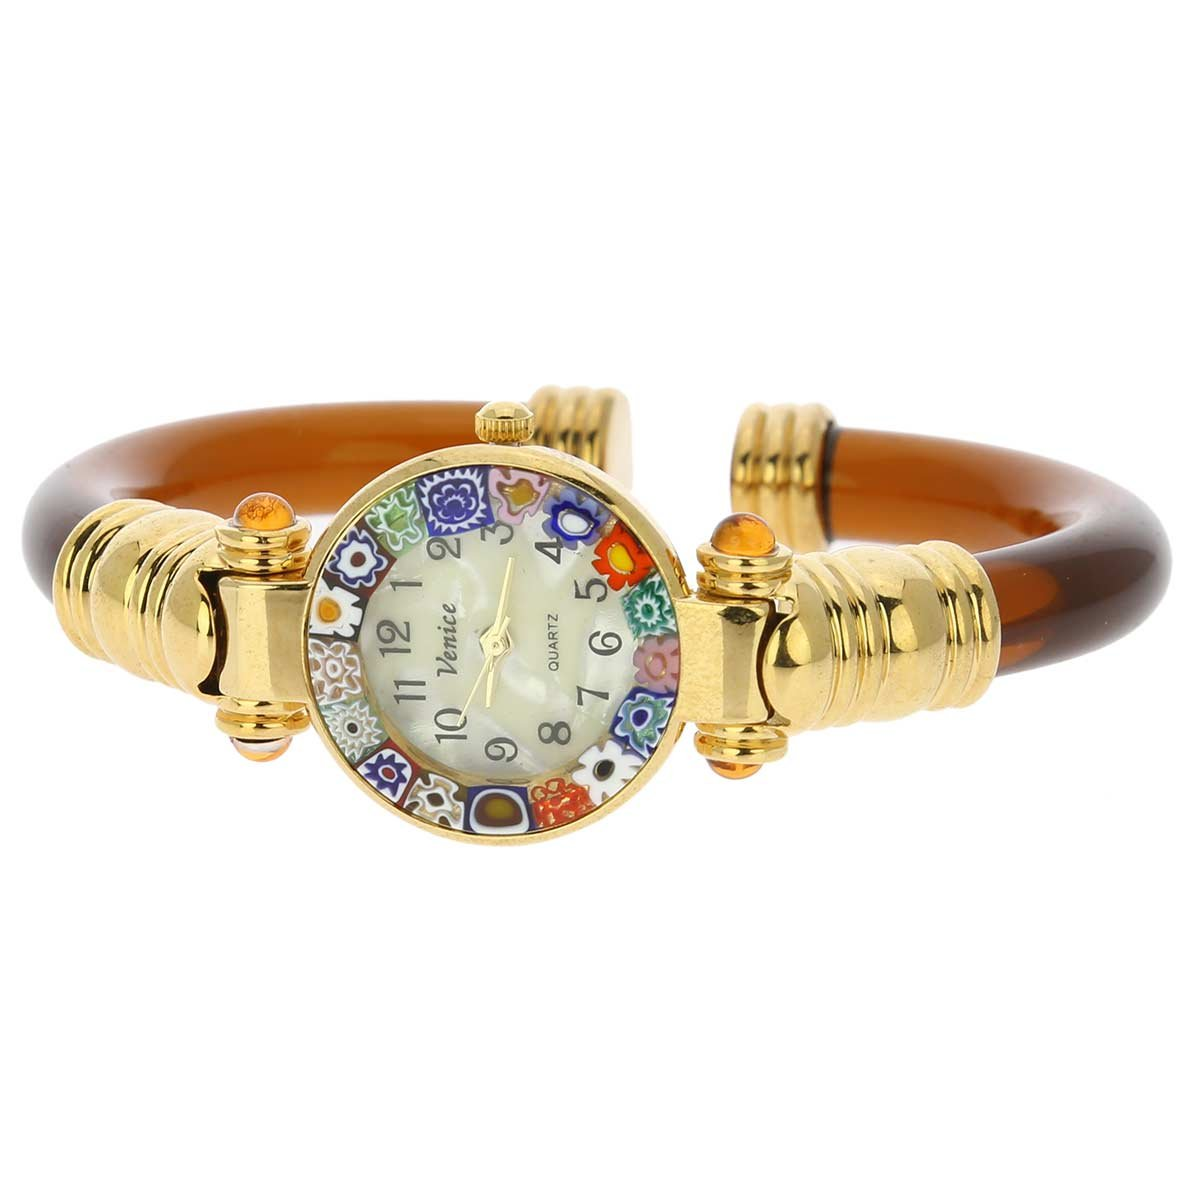 Murano Glass Millefiori Bangle Watch - Amber